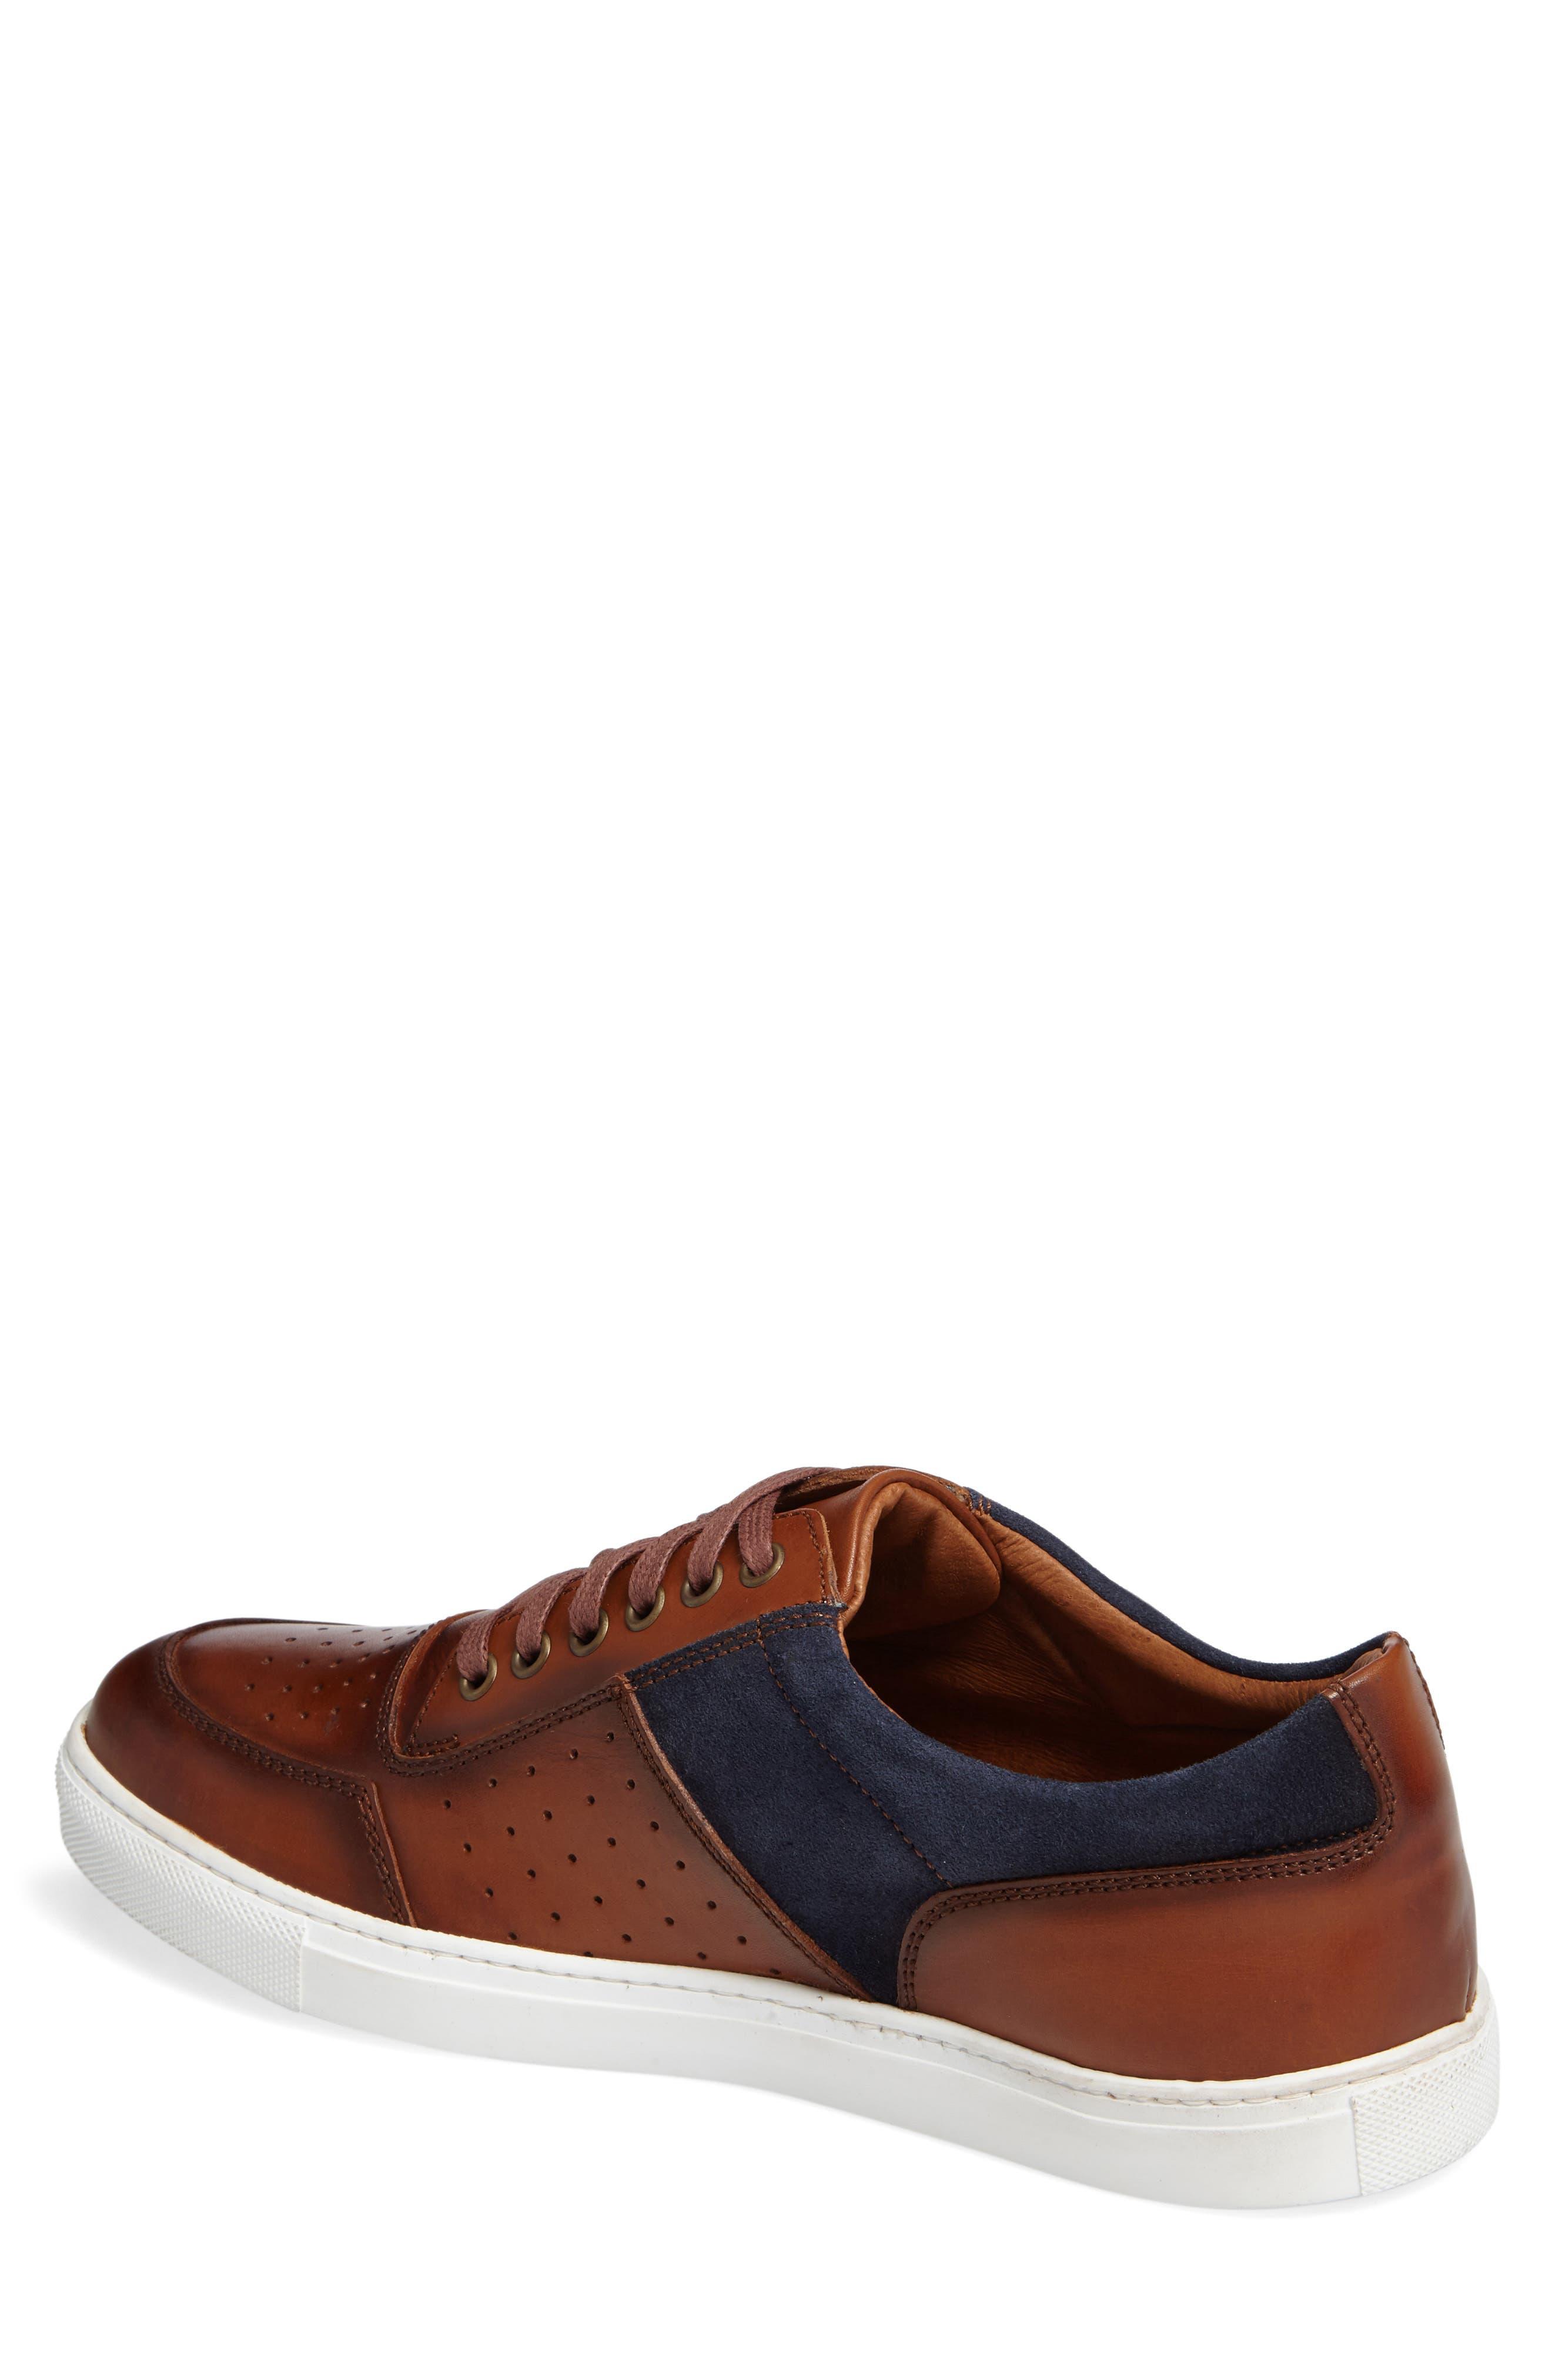 Prem-Ier Sneaker,                             Alternate thumbnail 2, color,                             200